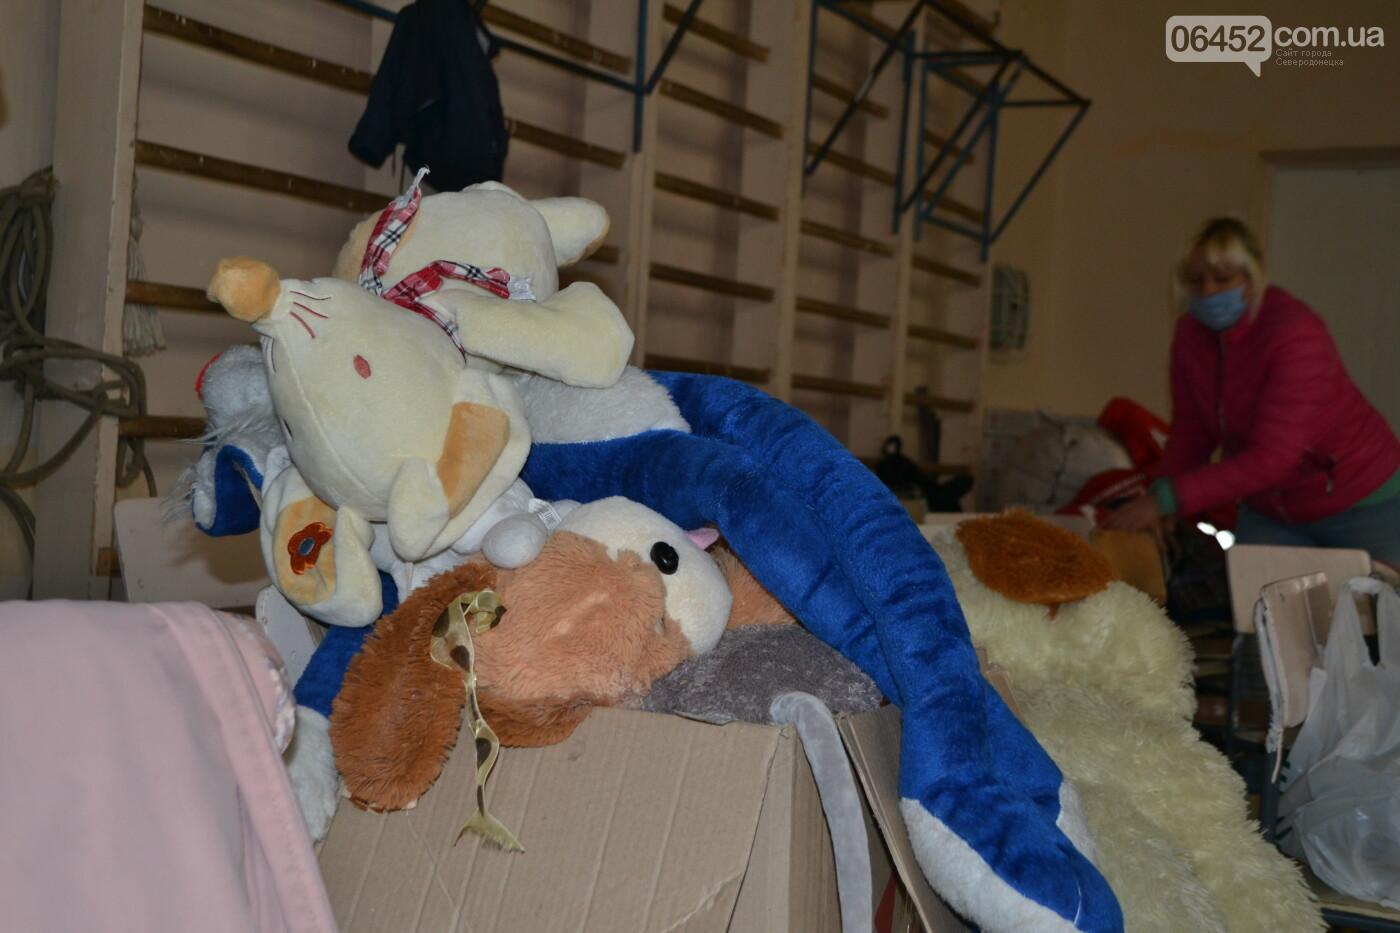 Продукты, средства гигиены и посуда: погорельцы Луганщины нуждаются в помощи, фото-4